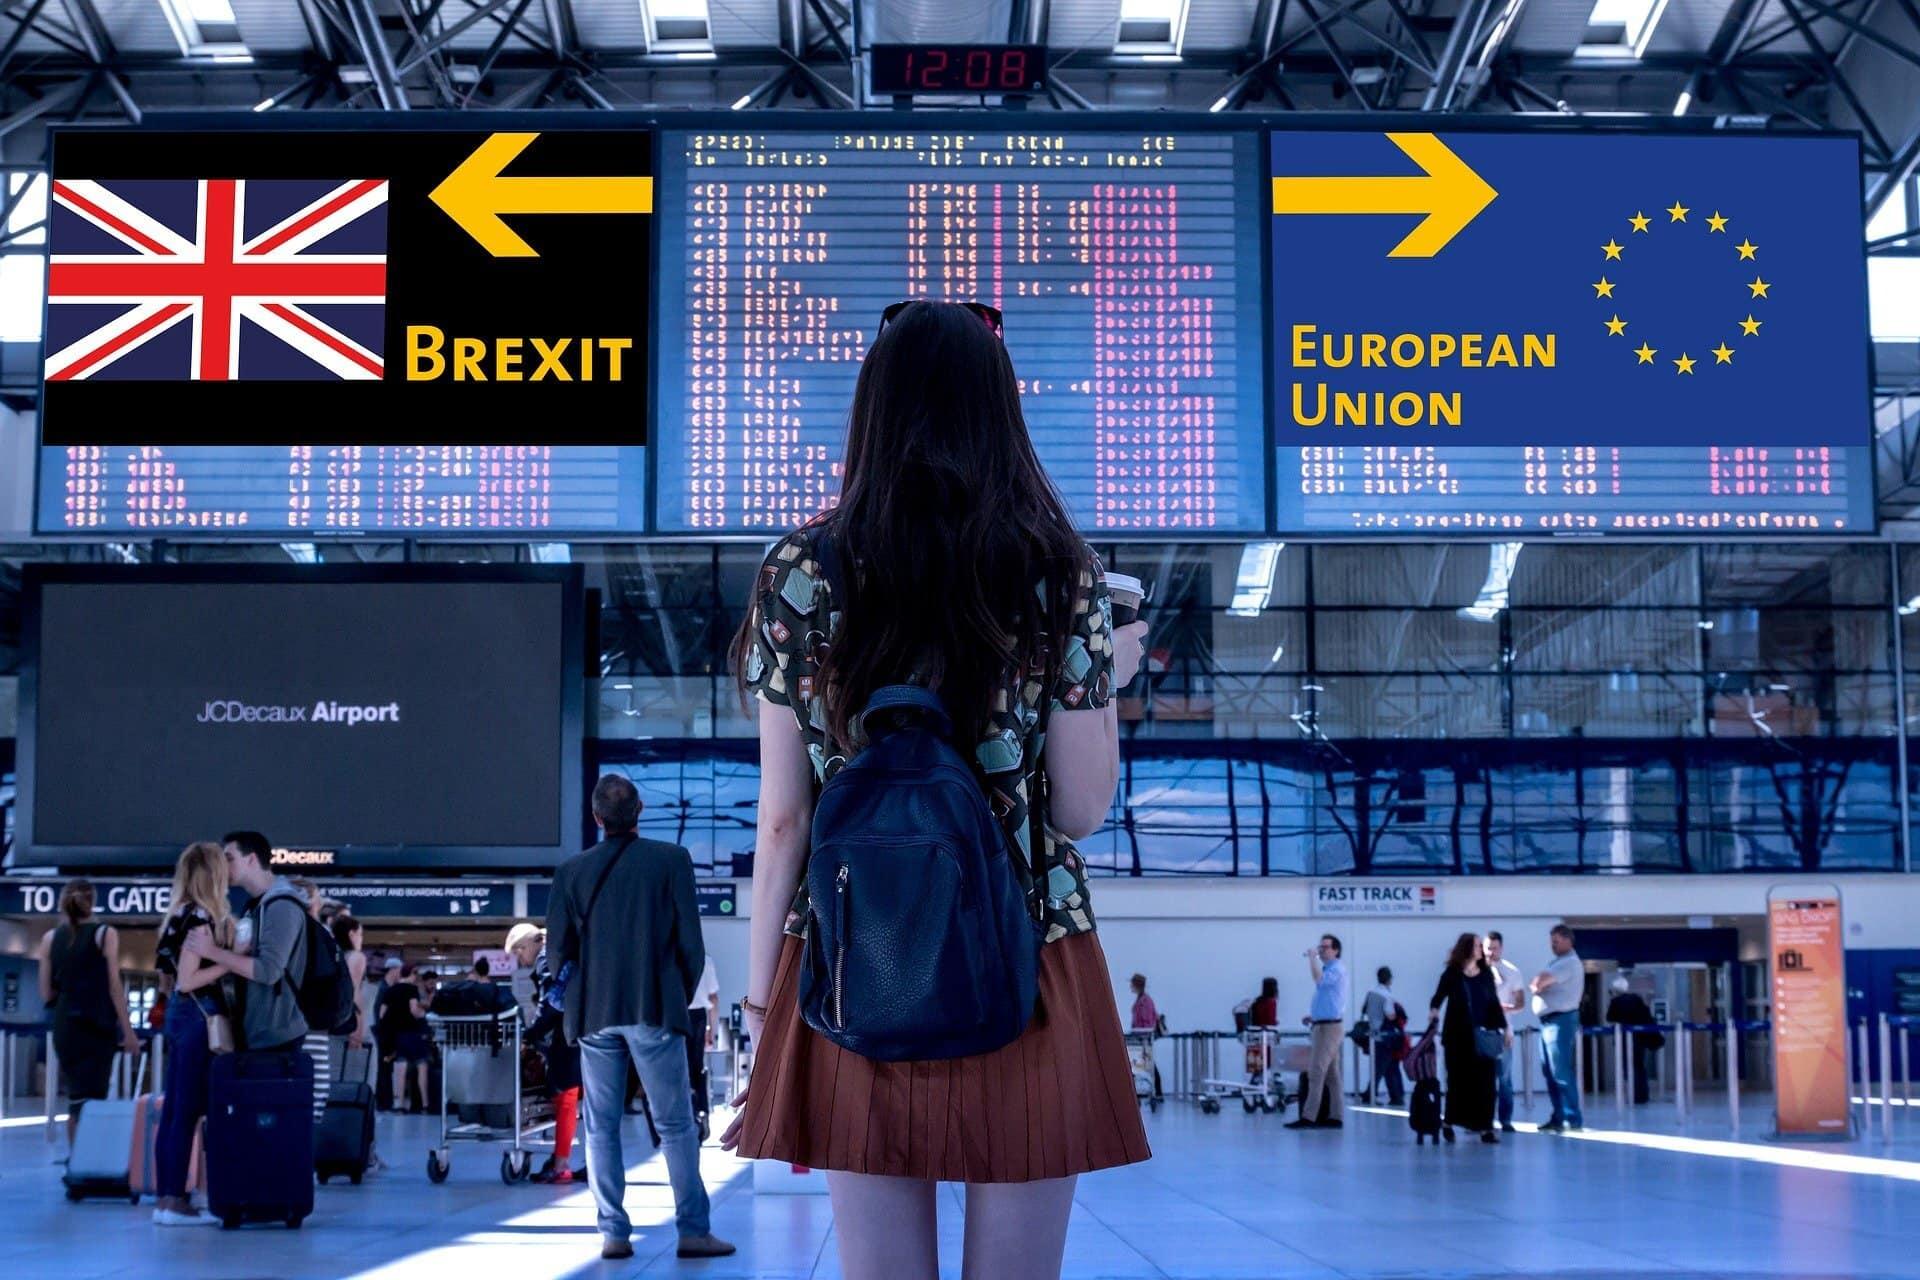 Brexit útlevél Anglia személy Nagy-Britannia